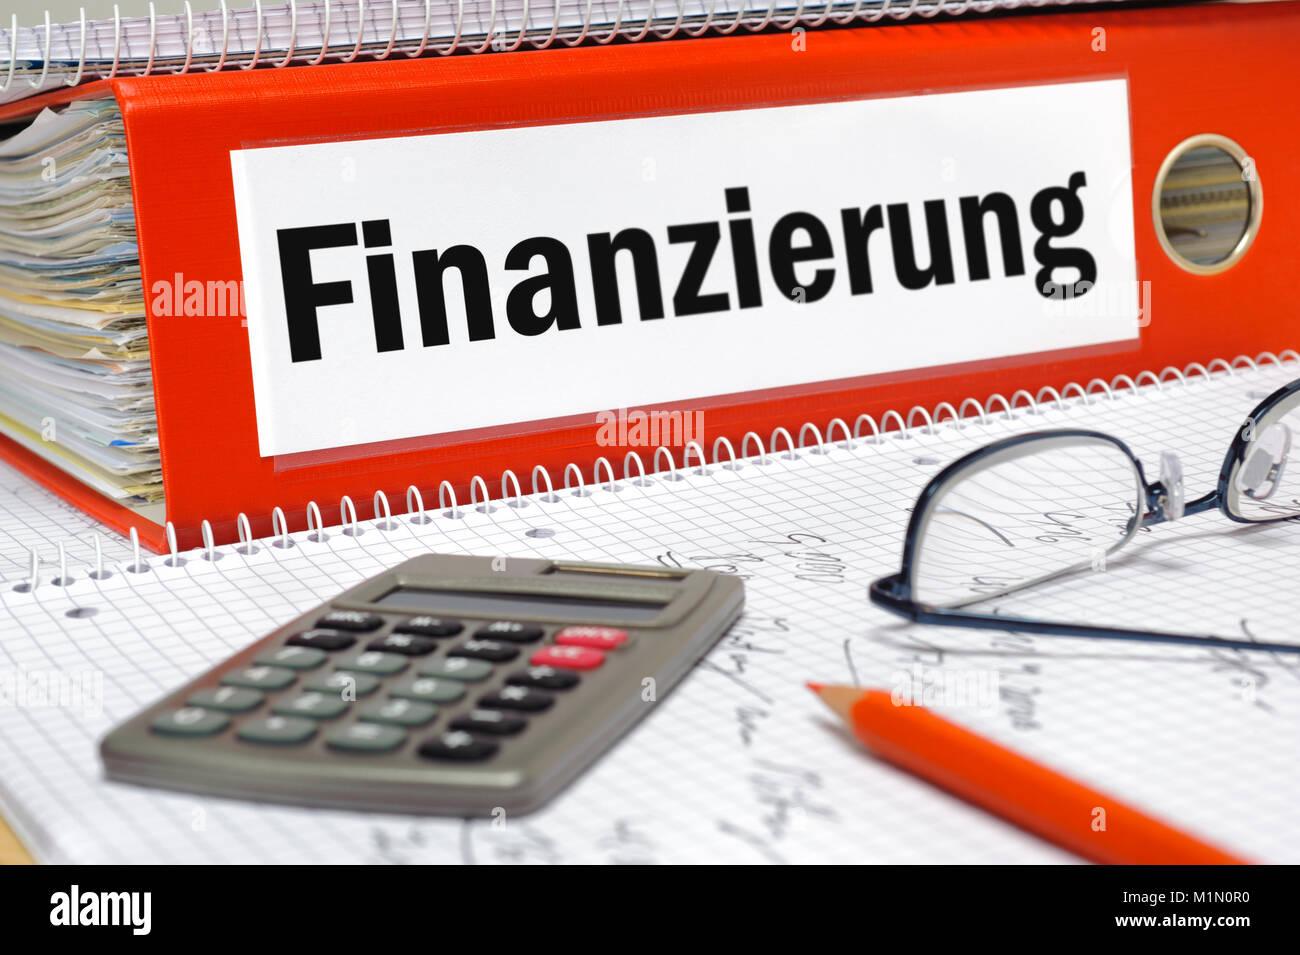 Aktenordner mit Aufschrift Finanzierung - Stock Image